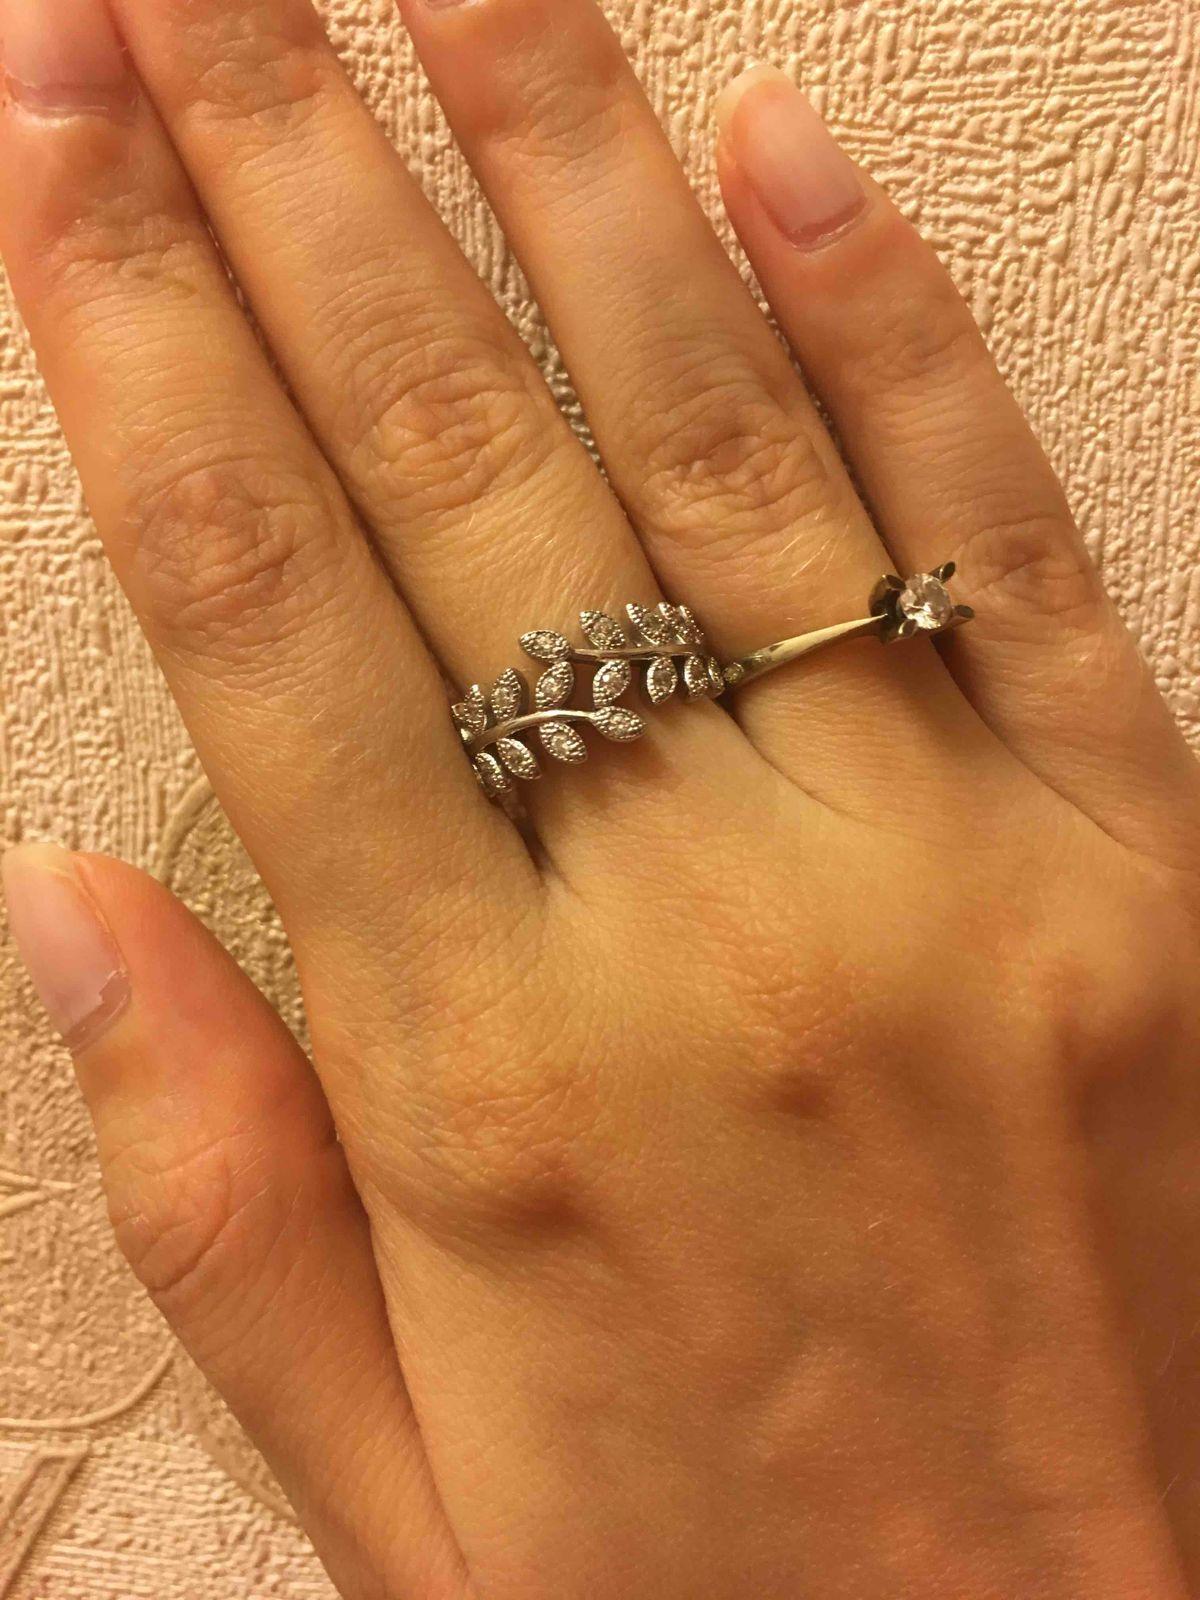 Красивое и нежное кольцо, не подобрать слов.